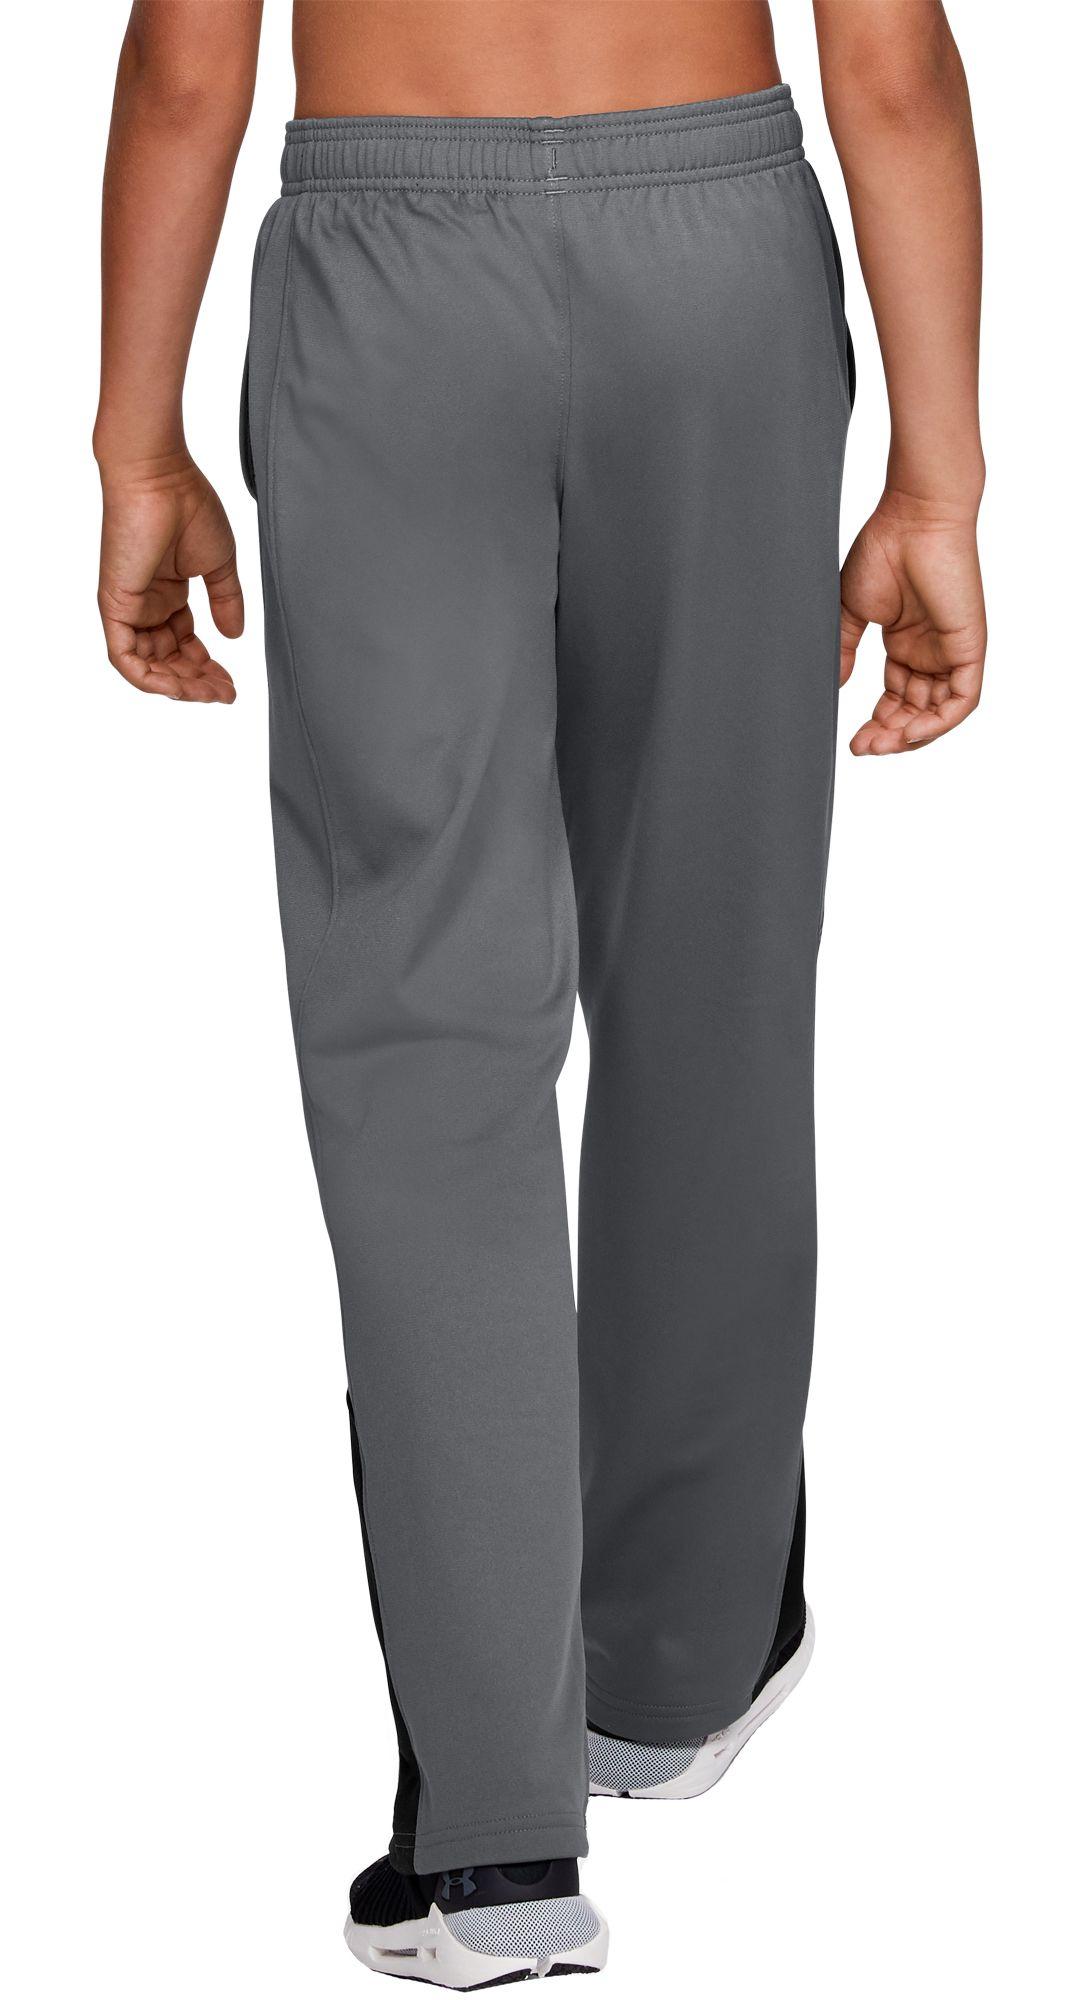 efaaa02874 Under Armour Boys' Brawler Pants 2.0